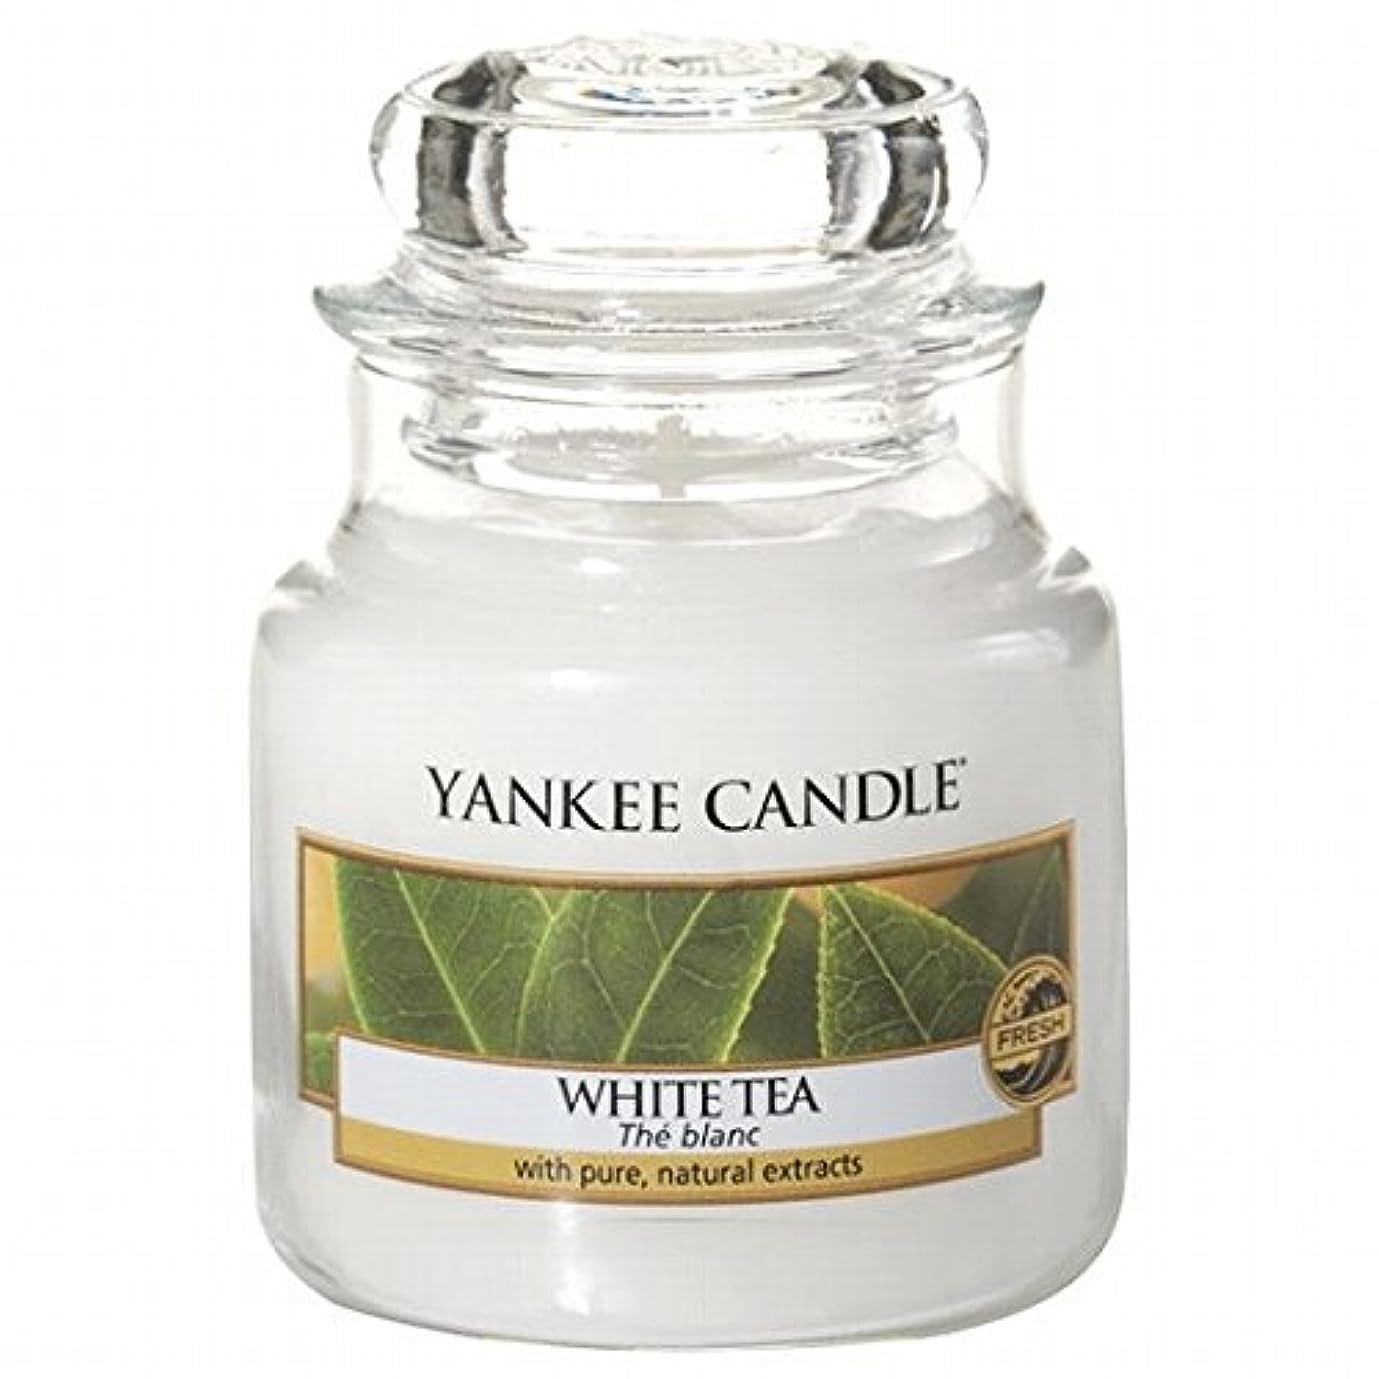 ナチュラルお勧め拘束するヤンキーキャンドル(YANKEE CANDLE) YANKEE CANDLE ジャーS 「ホワイトティー」